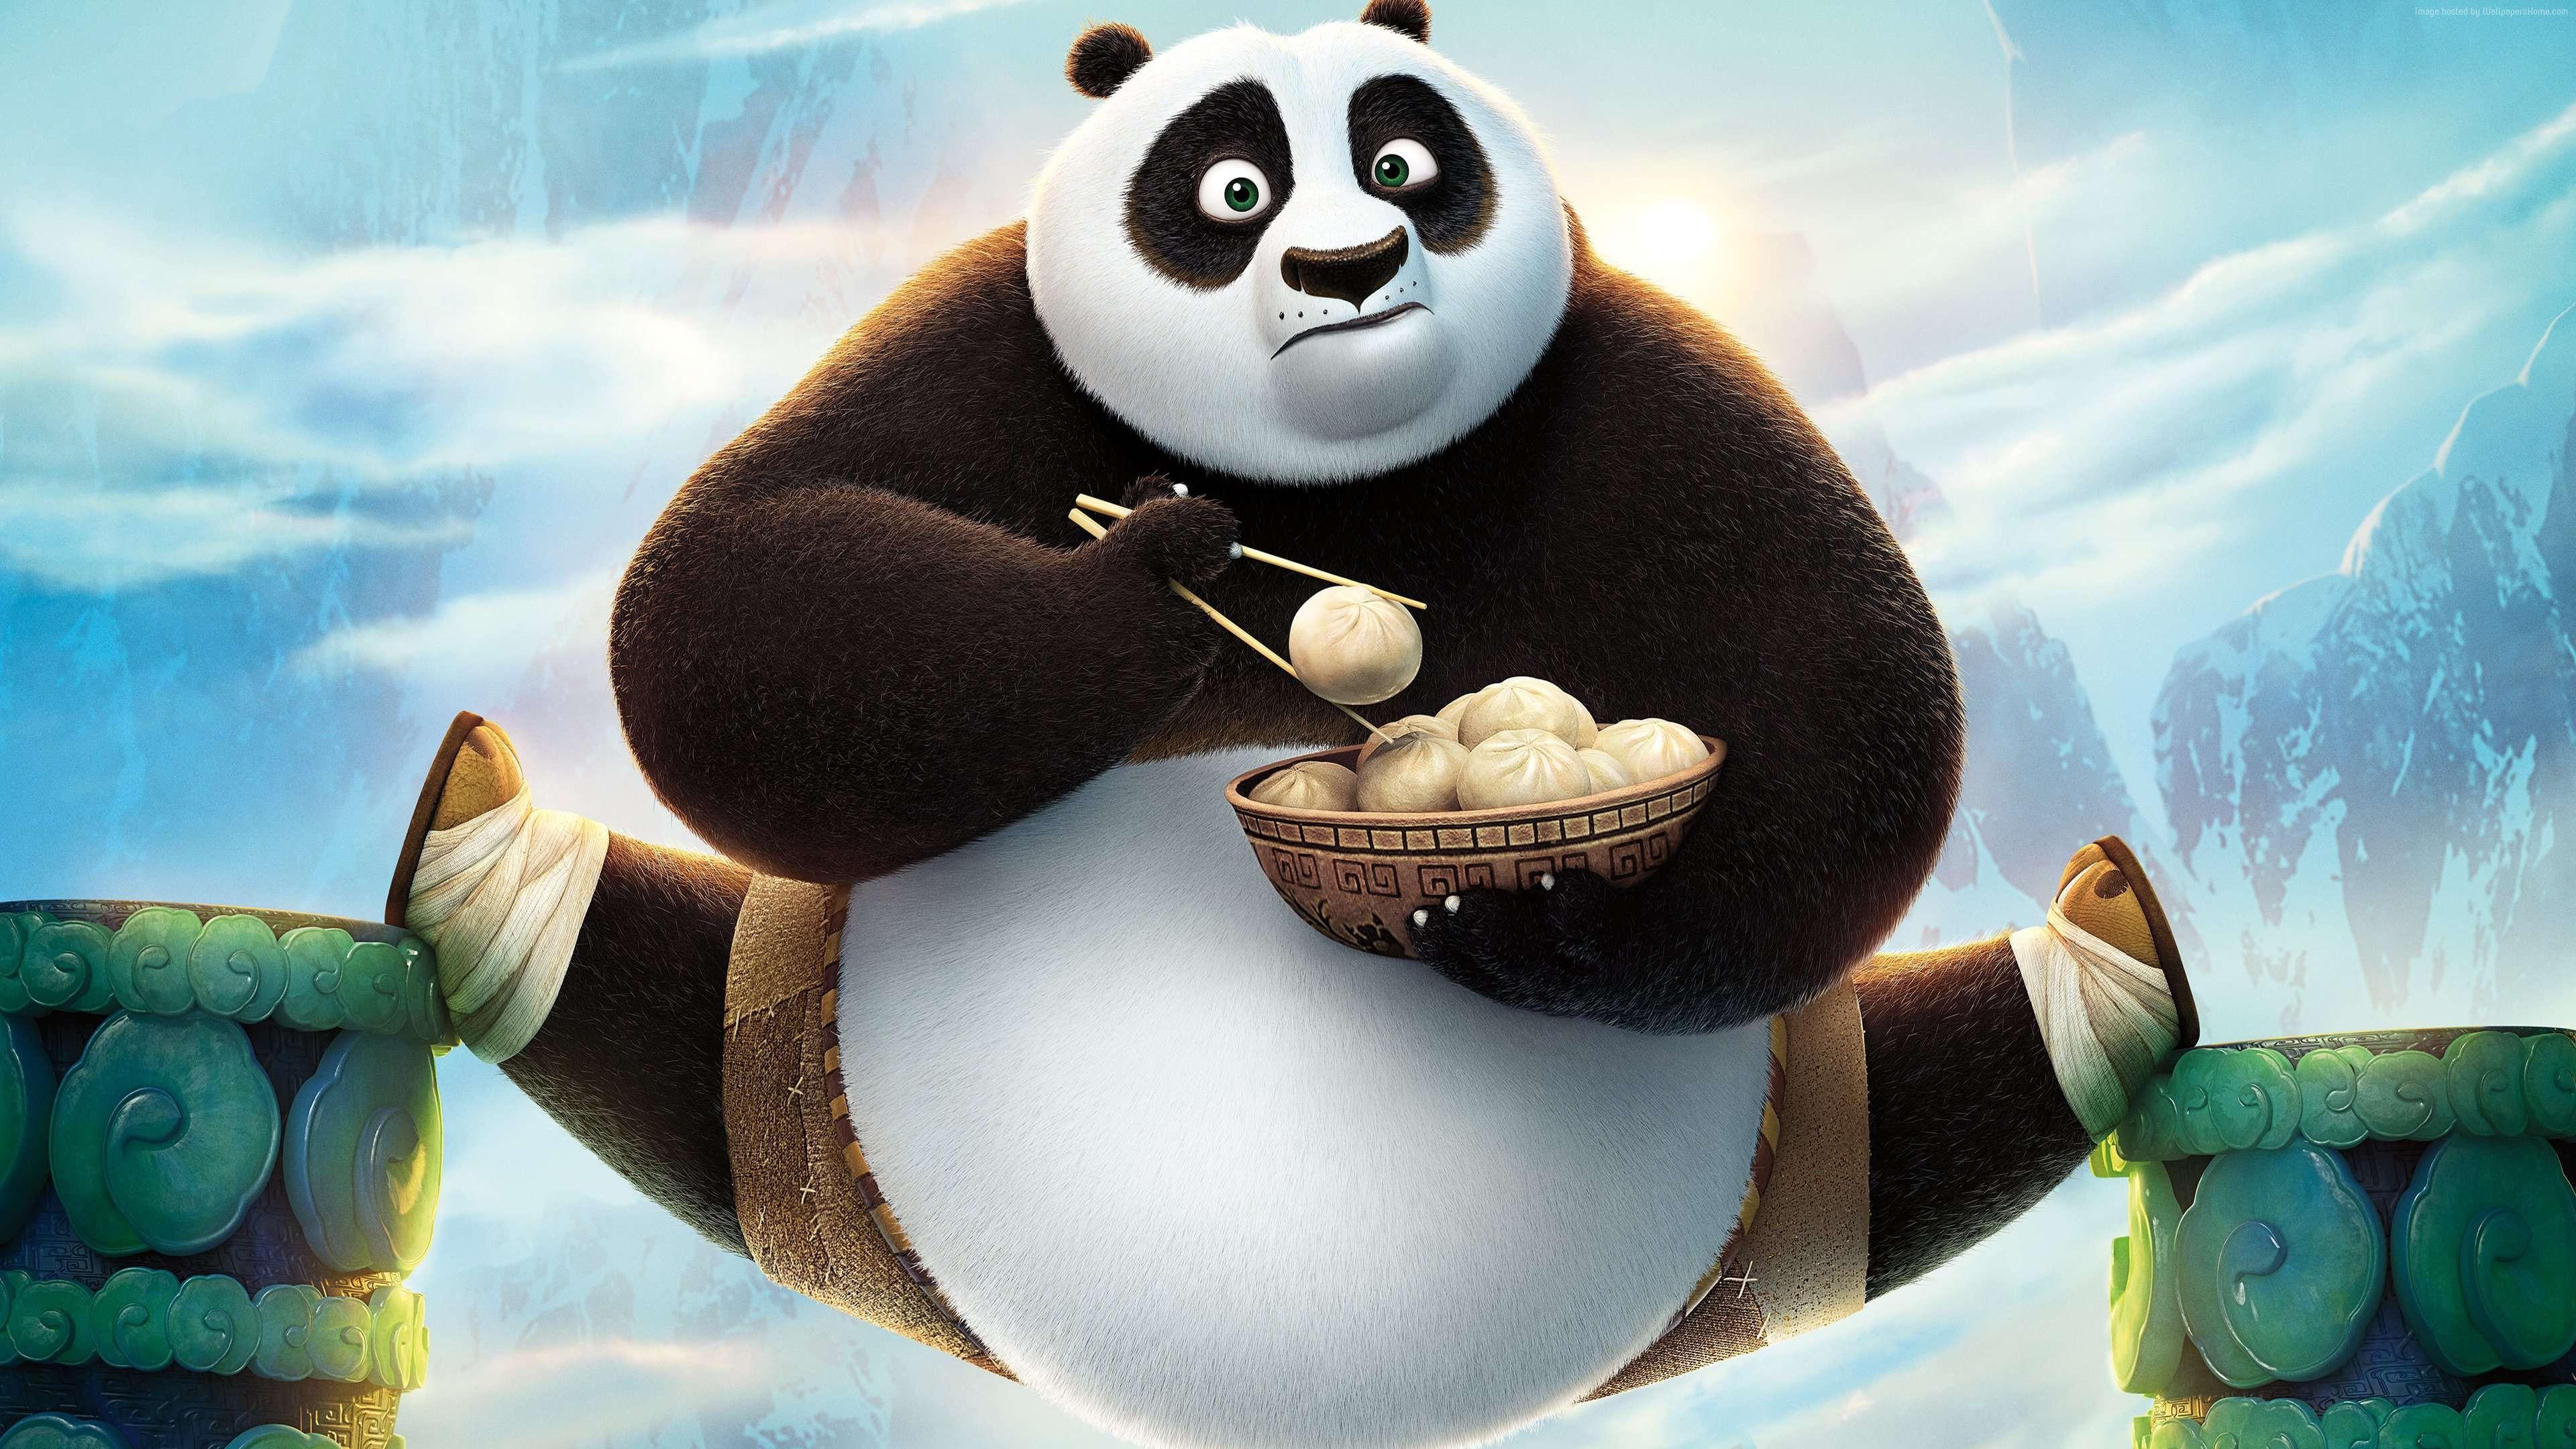 Kung Fu Panda 3 Wallpaper, Movies / Animation: Kung Fu Panda 3 .